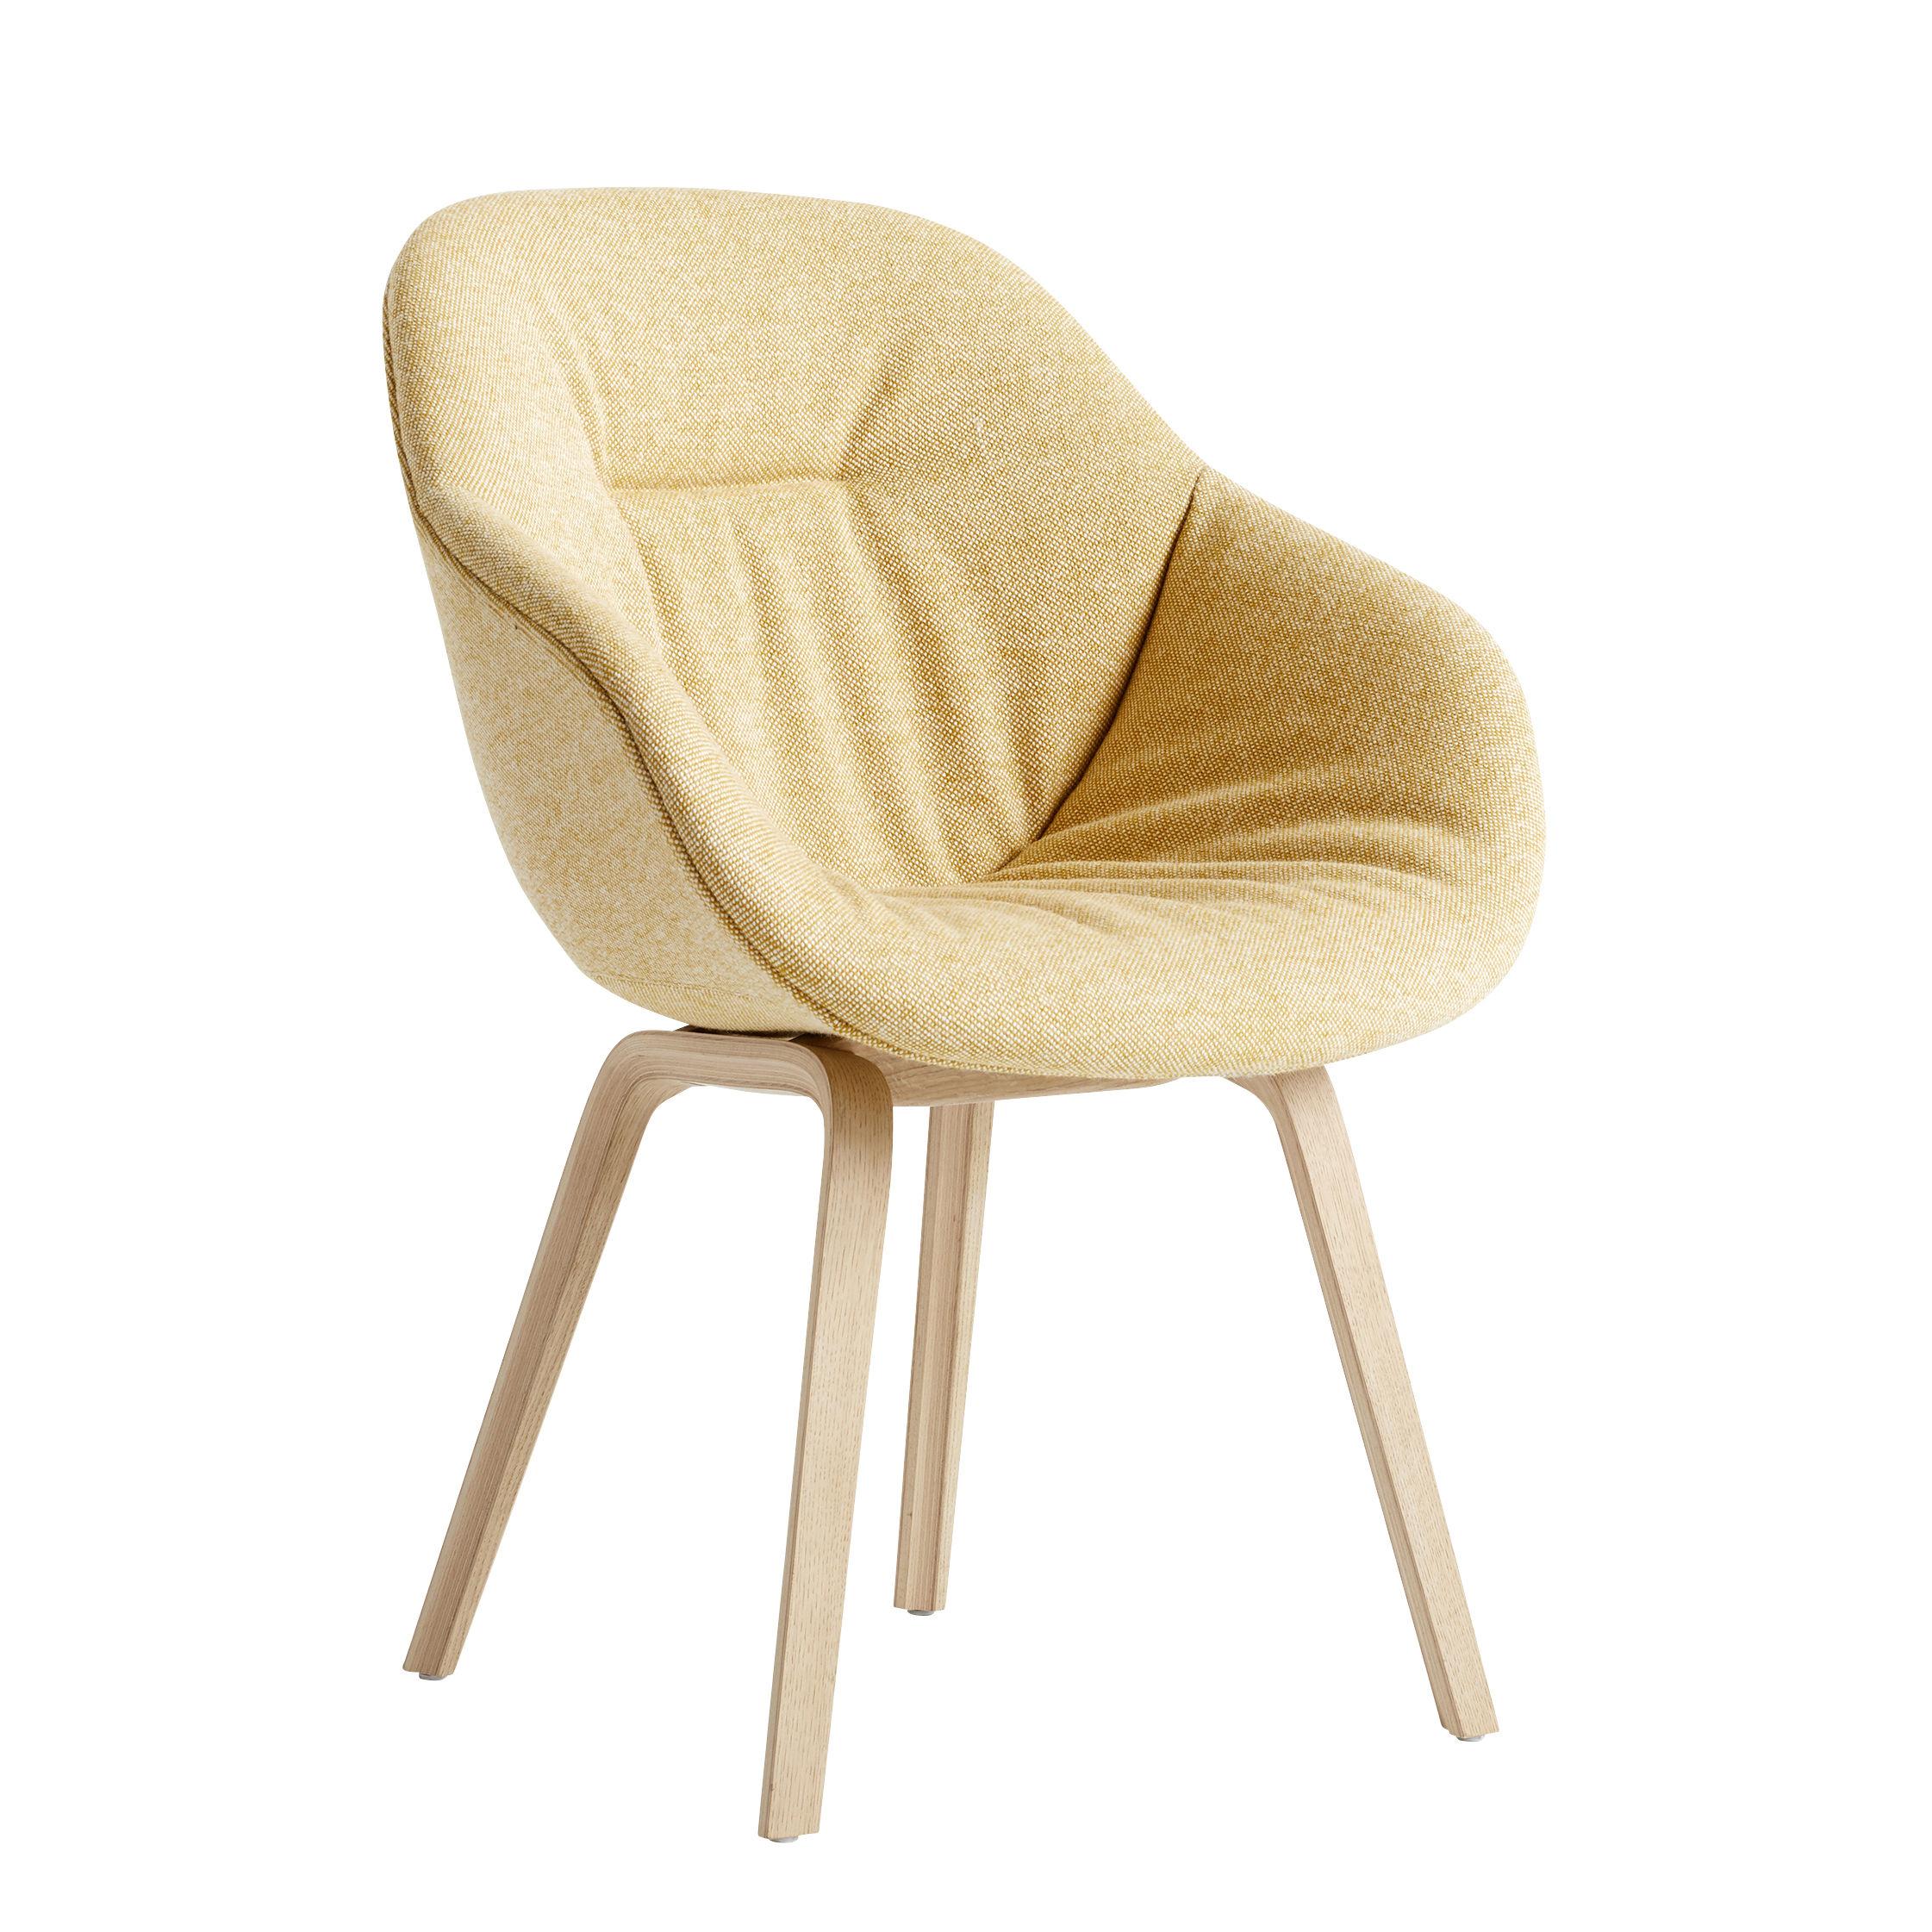 Möbel - Stühle  - About a chair AAC123 Soft Gepolsterter Sessel / Hohe Rückenlehne - Ganz mit Steppstoff bezogen & matt lackierte Eiche - Hay - Gelb / Eiche matt lackiert -  Ouate, Eiche, mattlackiert, Kvadrat-Gewebe, Polyurethan-Schaum, verstärktes Polypropylen